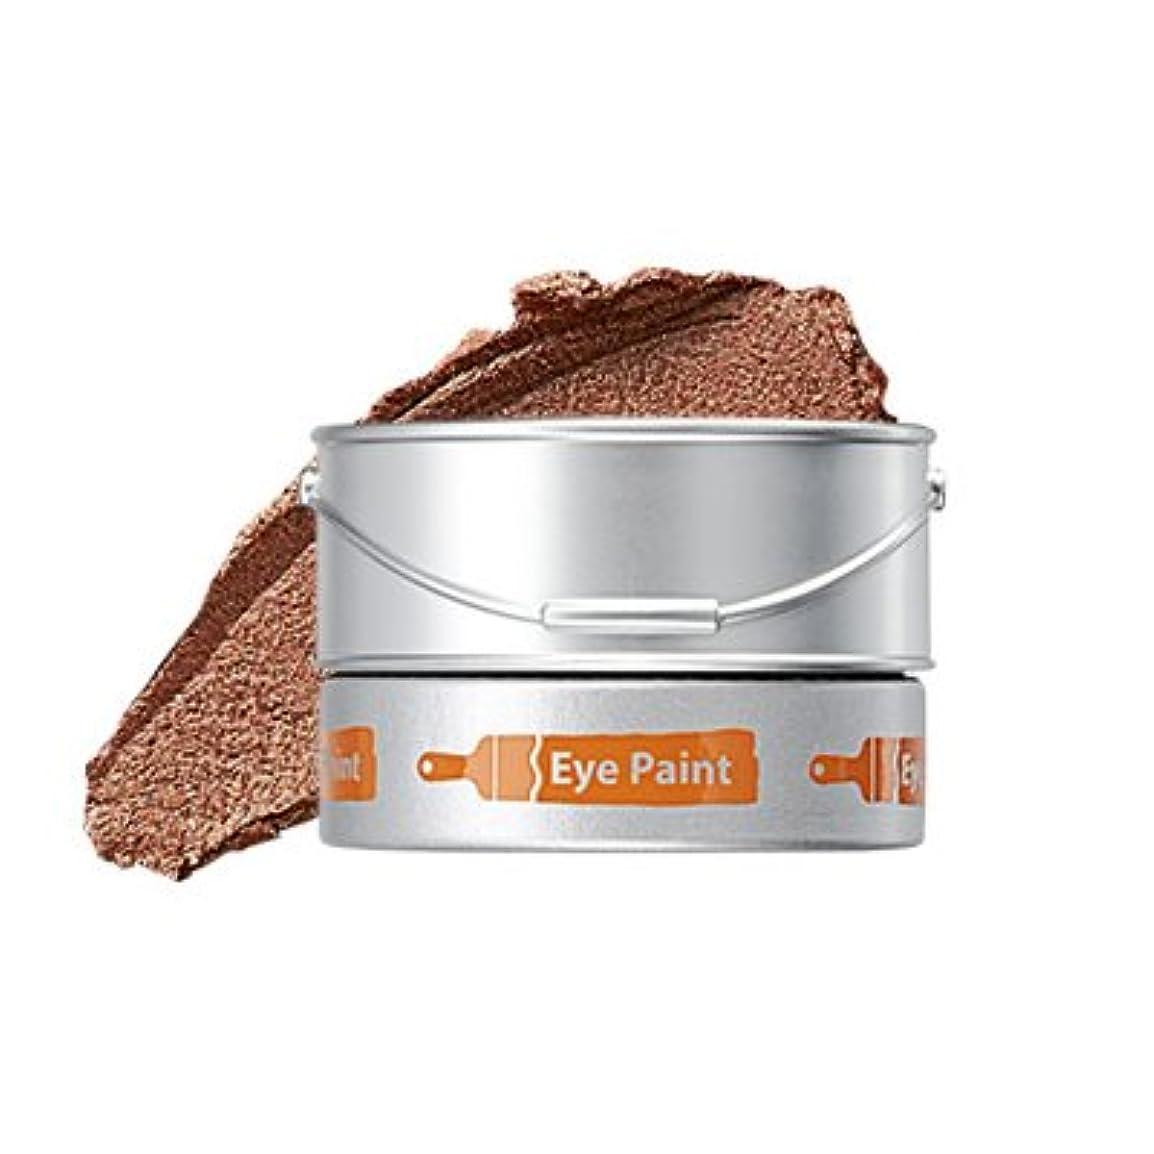 のぞき見麺穴【The Saem】 アイペイント/ザセム eye paint クリームシャドウ (04コパーテン)